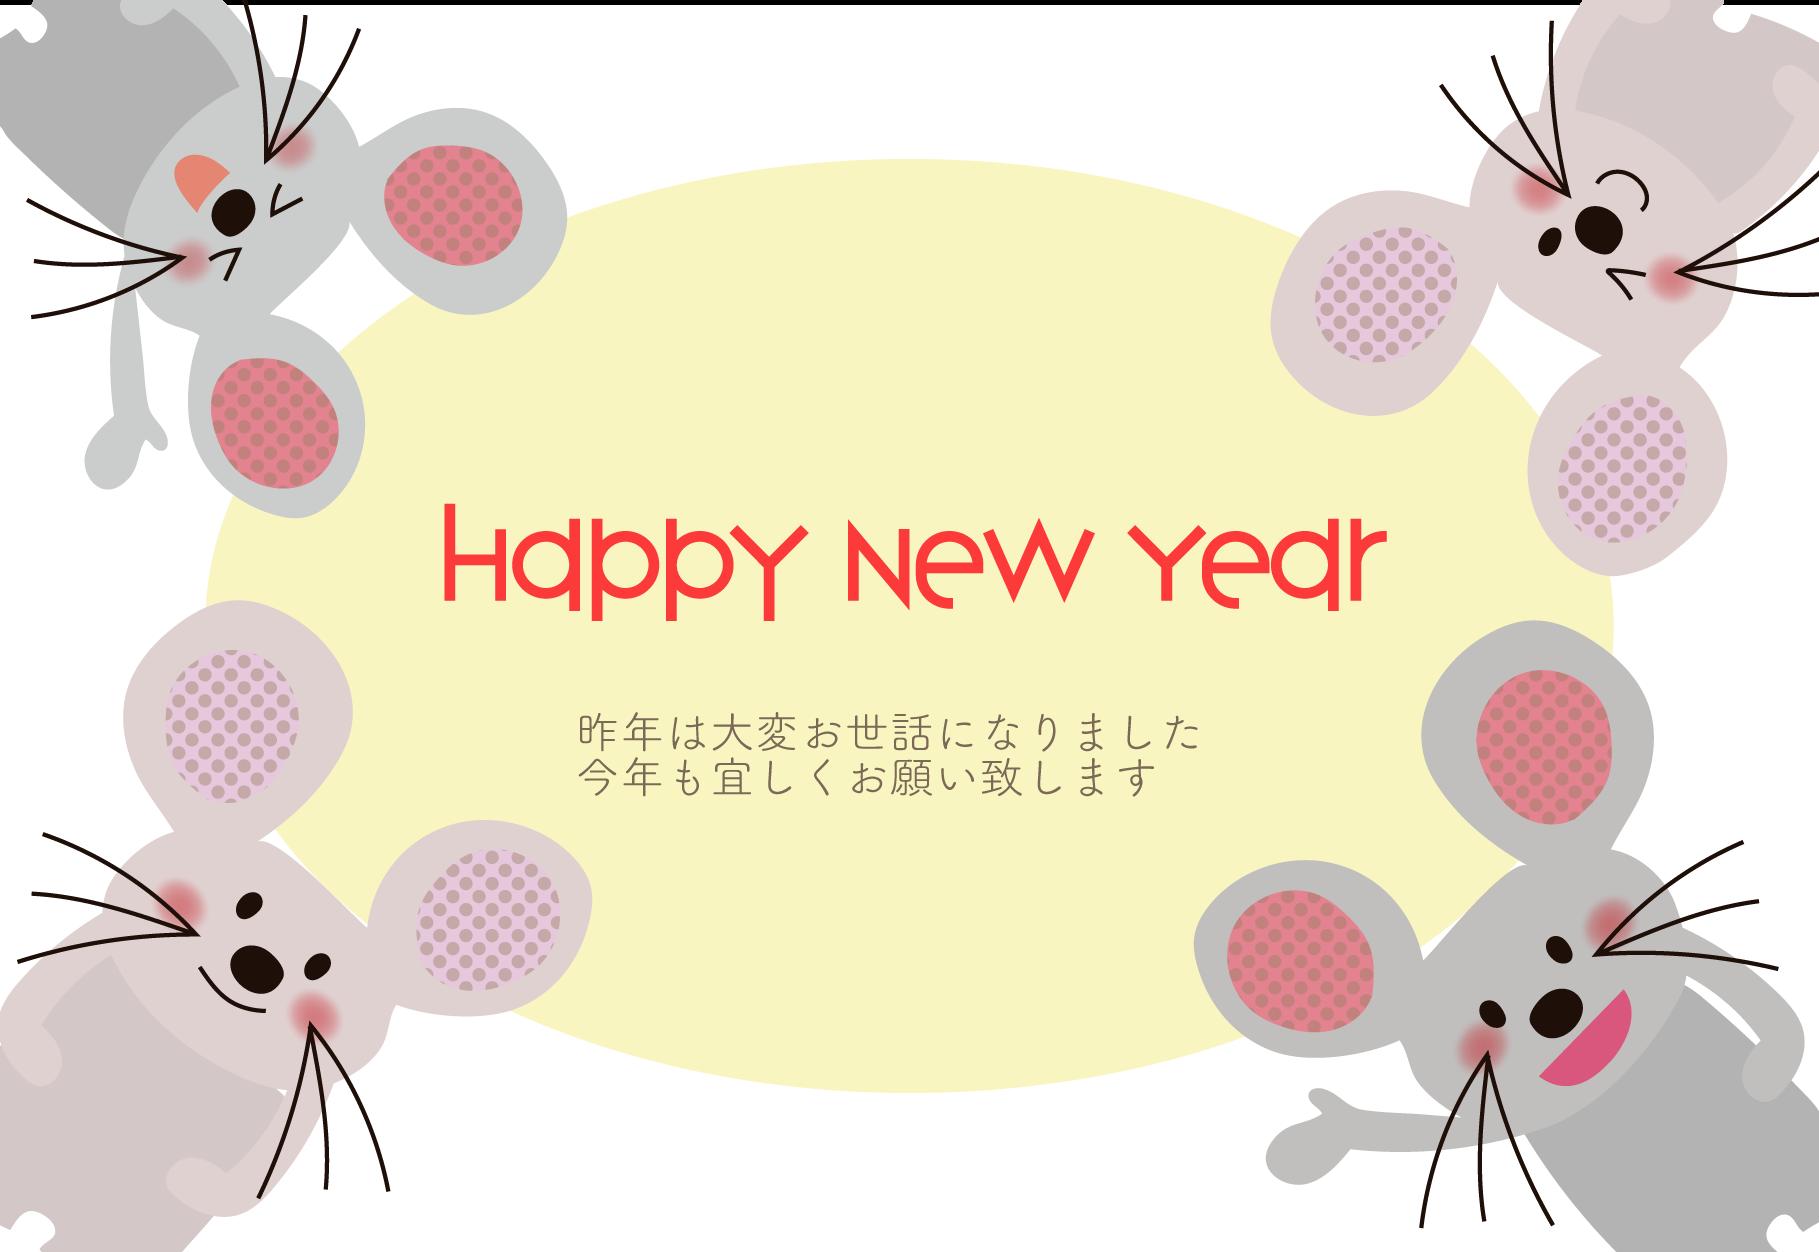 かわいい!年賀状 2020 Have a Happy New Yearテンプレートかわいいイラスト!フリー素材 ねずみの楽しい年賀状